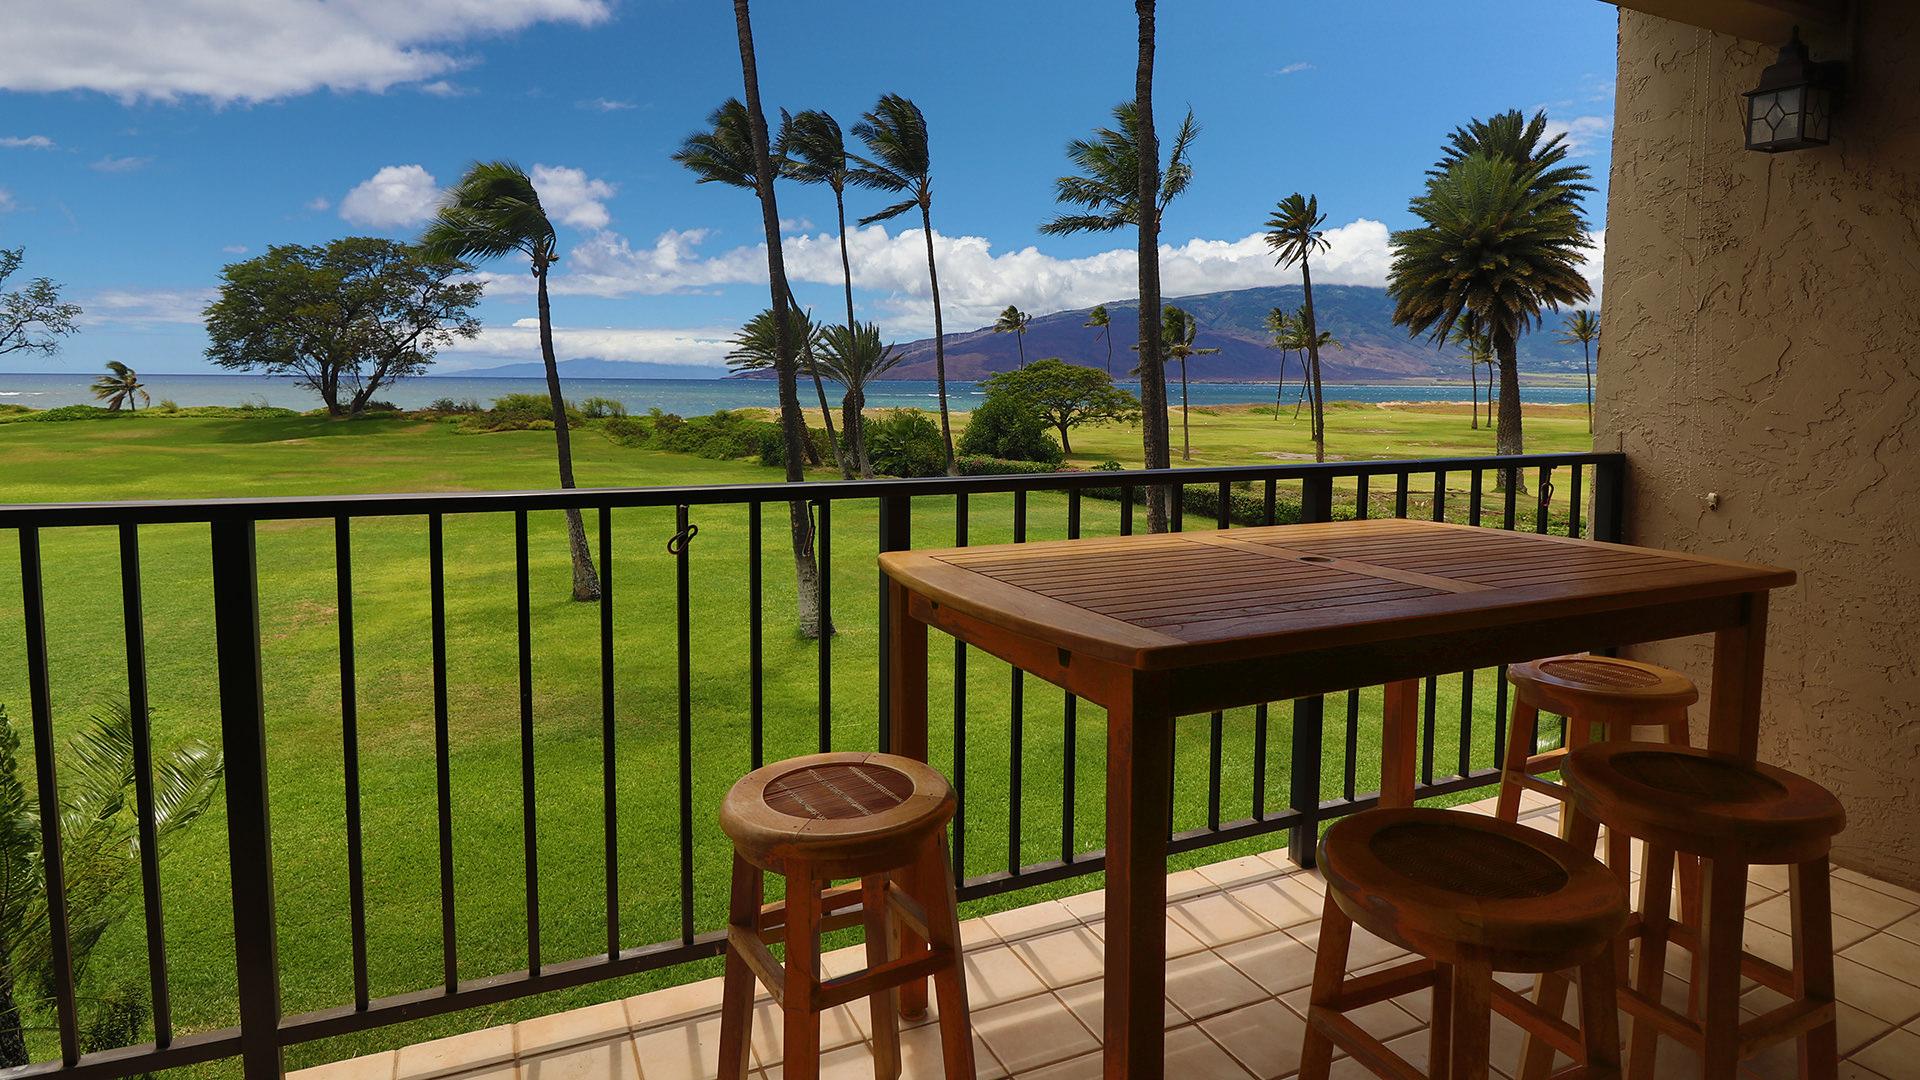 A203 View of West Maui's and Ma'alaea Bay